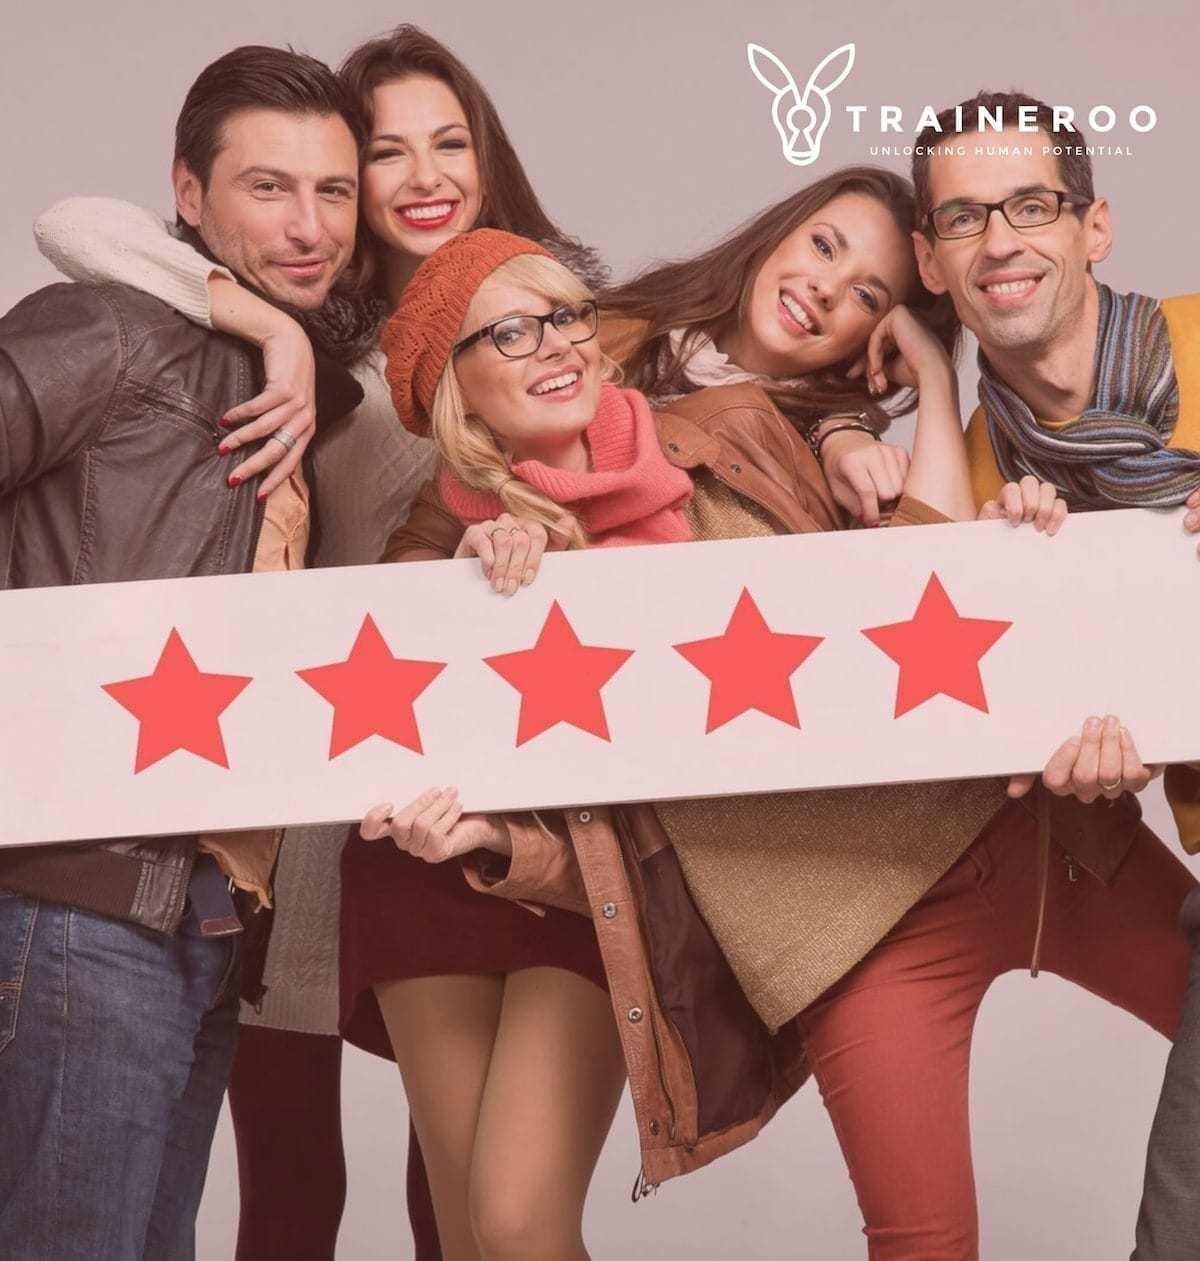 Traineroo - Customer Experience Happiness Survey - Klanttevredenheid Onderzoek